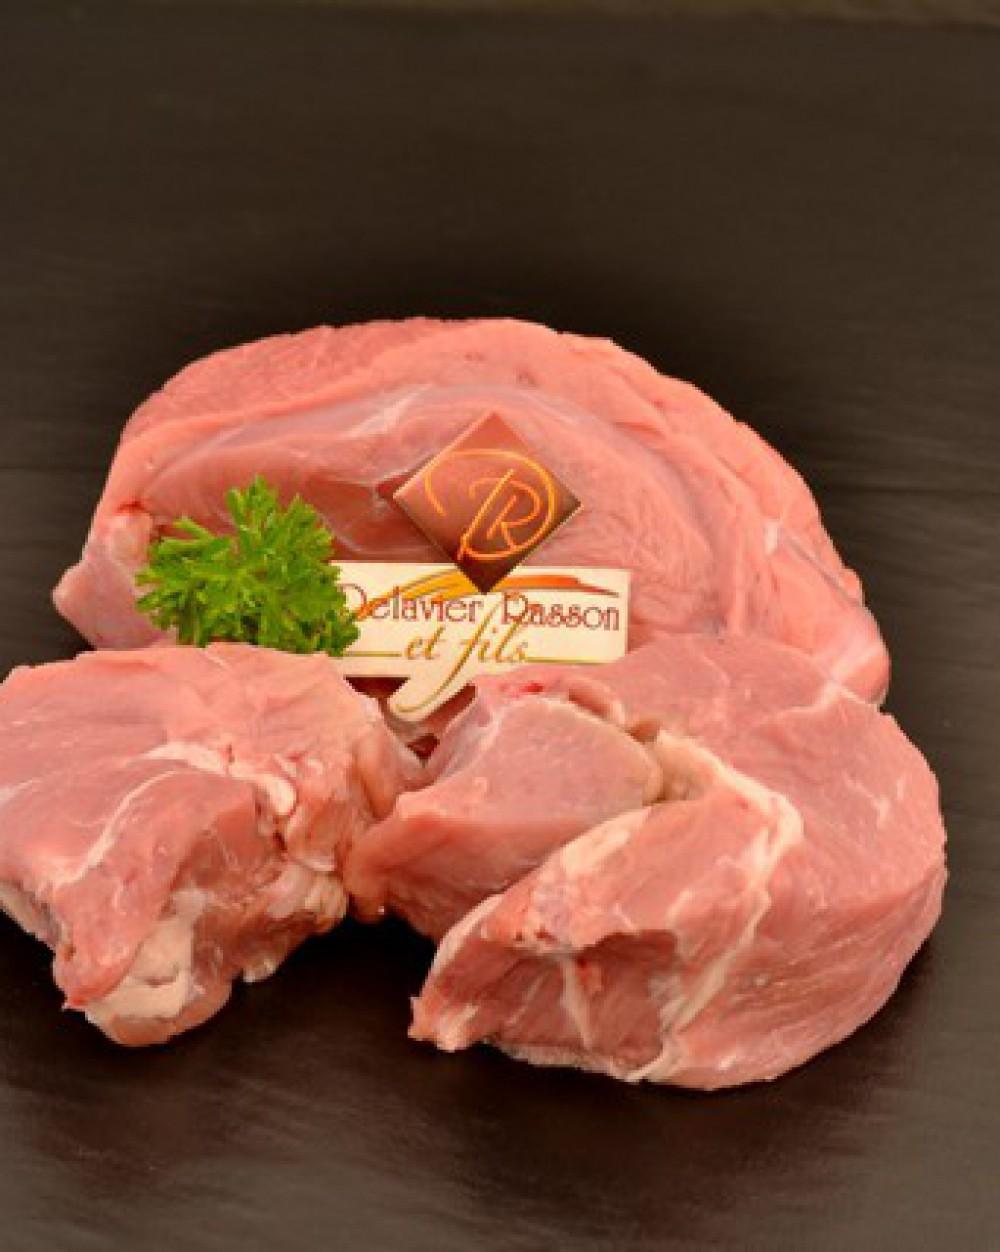 Collier de veau delavier rasson et fils - Cuisiner le collier de veau ...